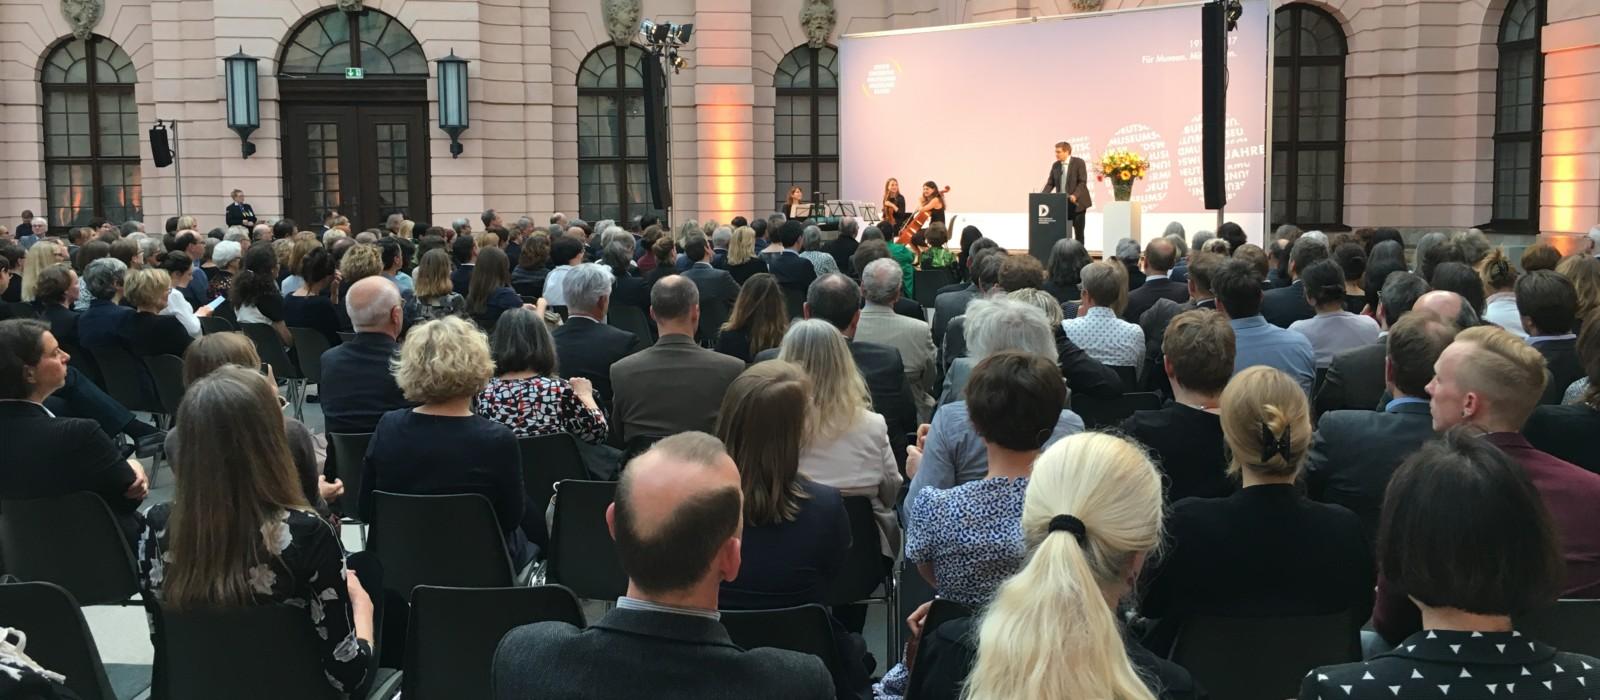 Prof. Dr. Köhne hält die Festtagsrede zum 100-jährigen Bestehen des Deutschen Museumsbundes